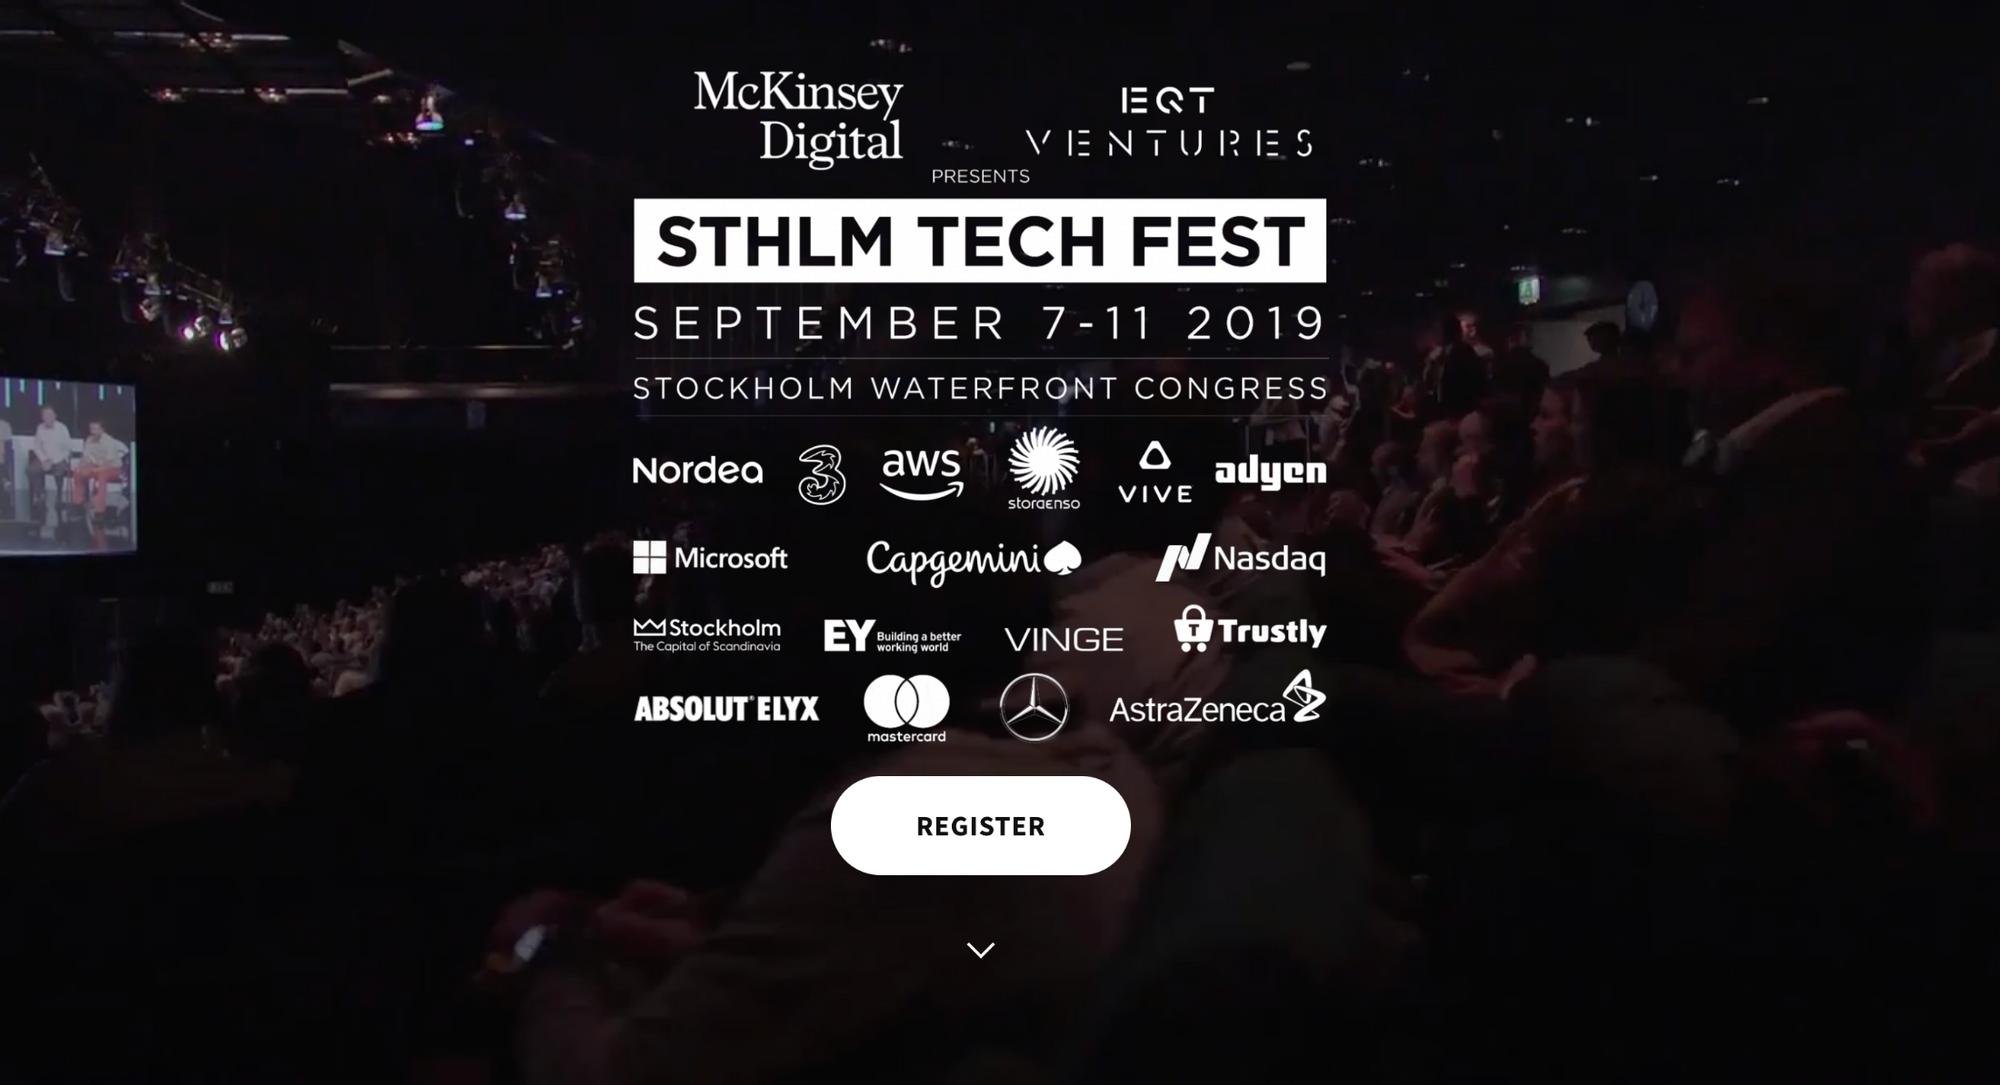 STHLM TECH FEST 2019